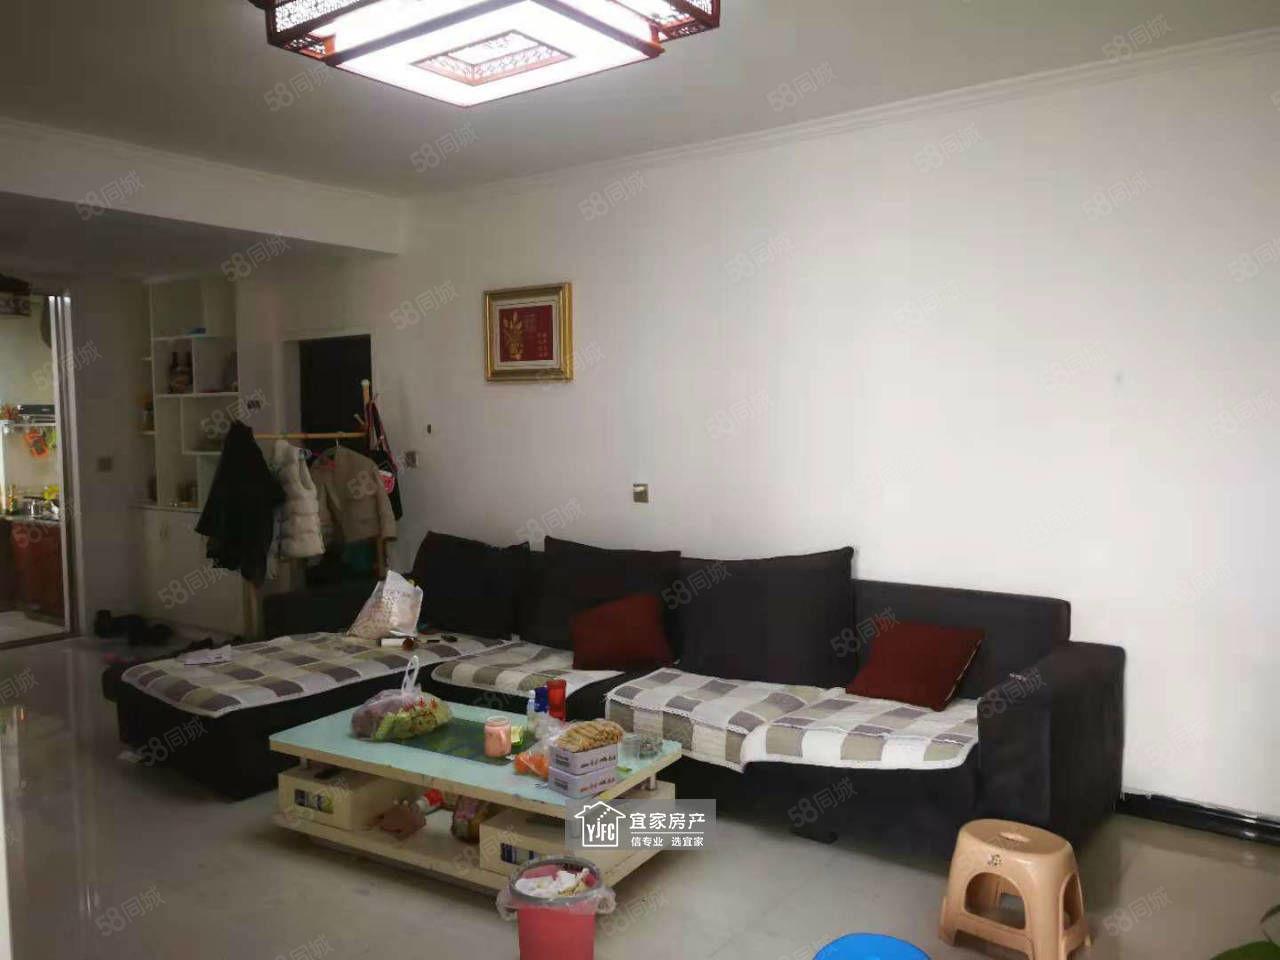 永尚国际,三室两厅,精装修,随时看房